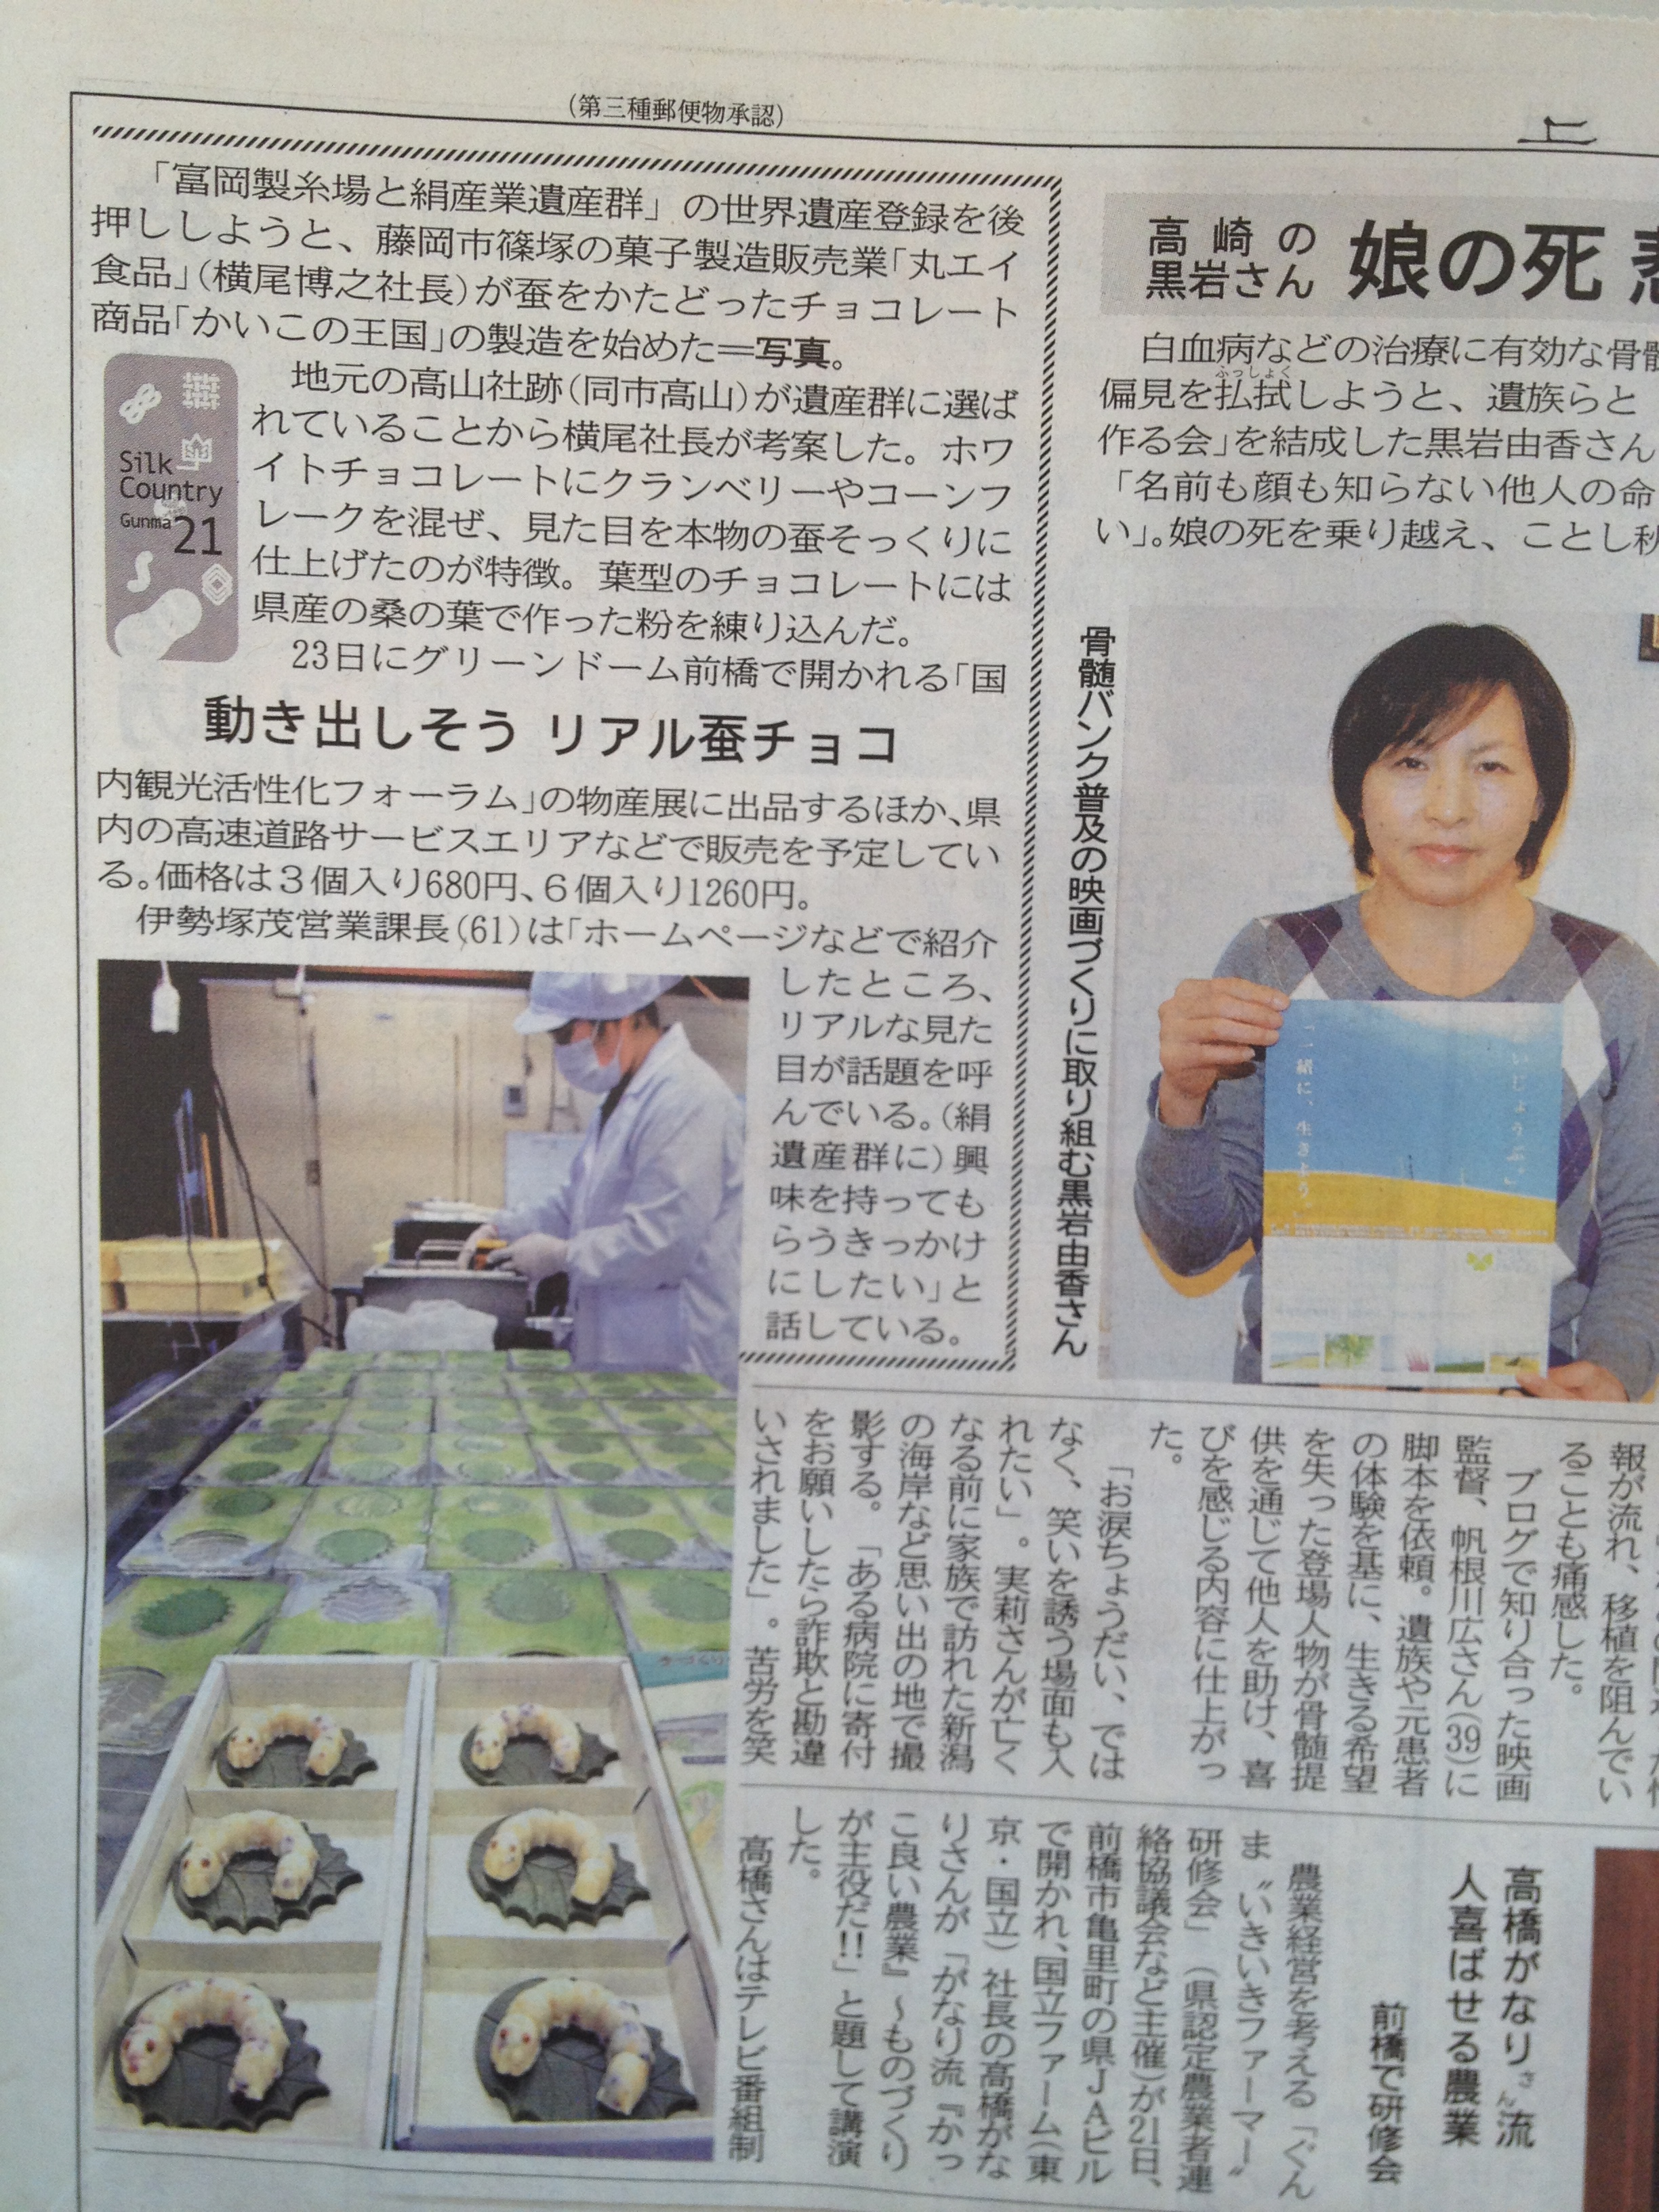 JoumouNewsPaper1